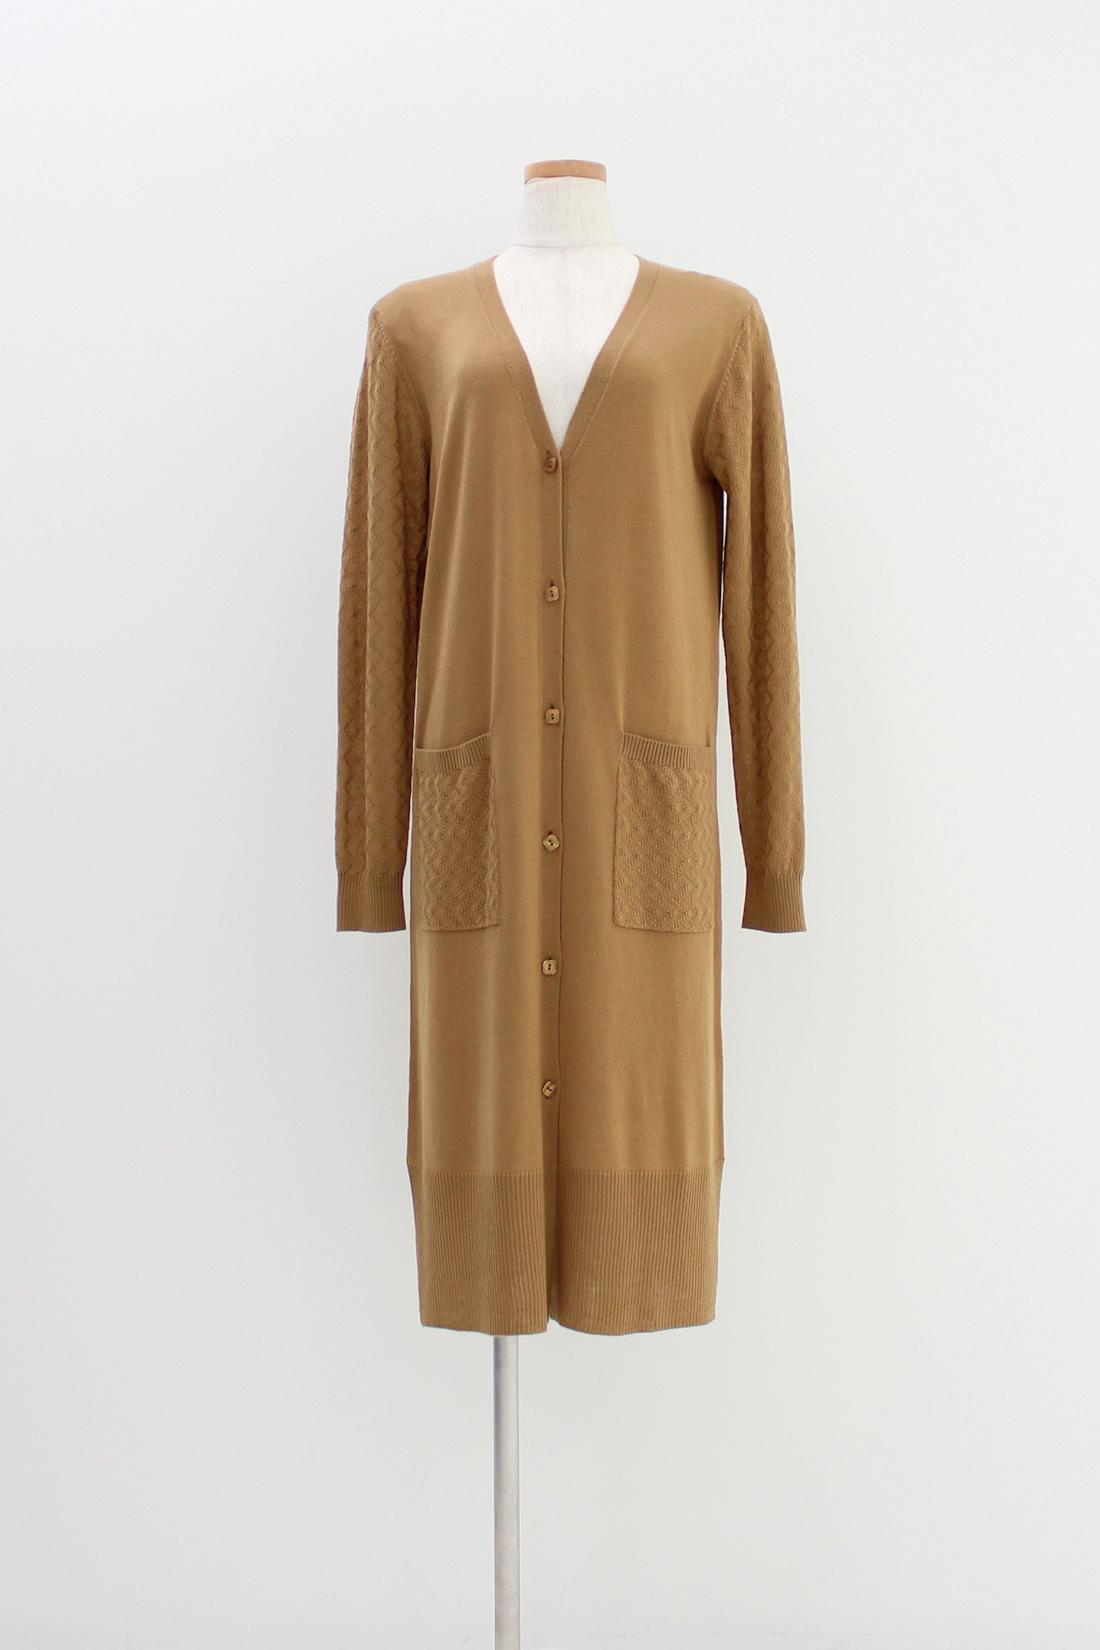 [キャラメル]袖とポケットは模様編み。気温差の激しいこれからの季節には、やっぱりはおりもの。